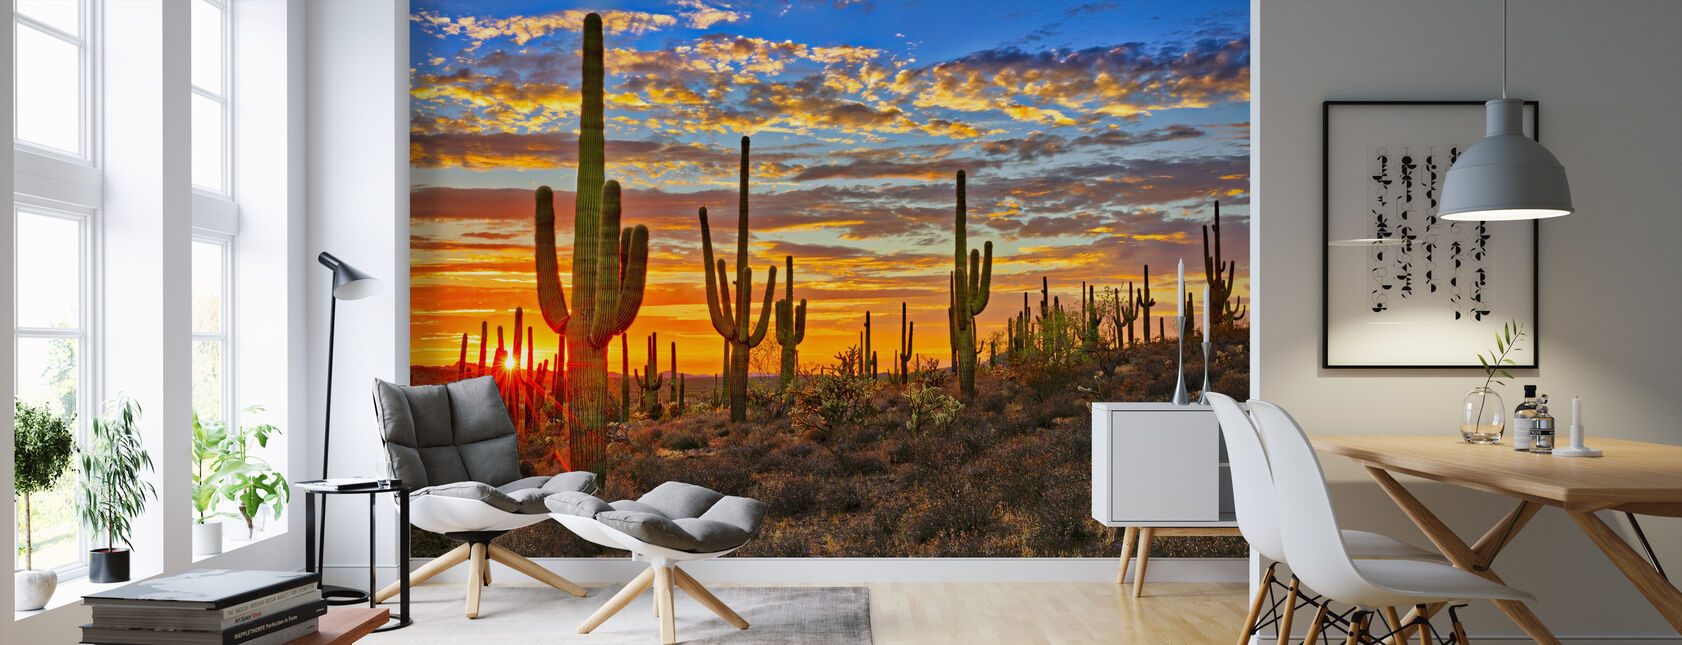 Sunset Desert - Wallpaper - Living Room